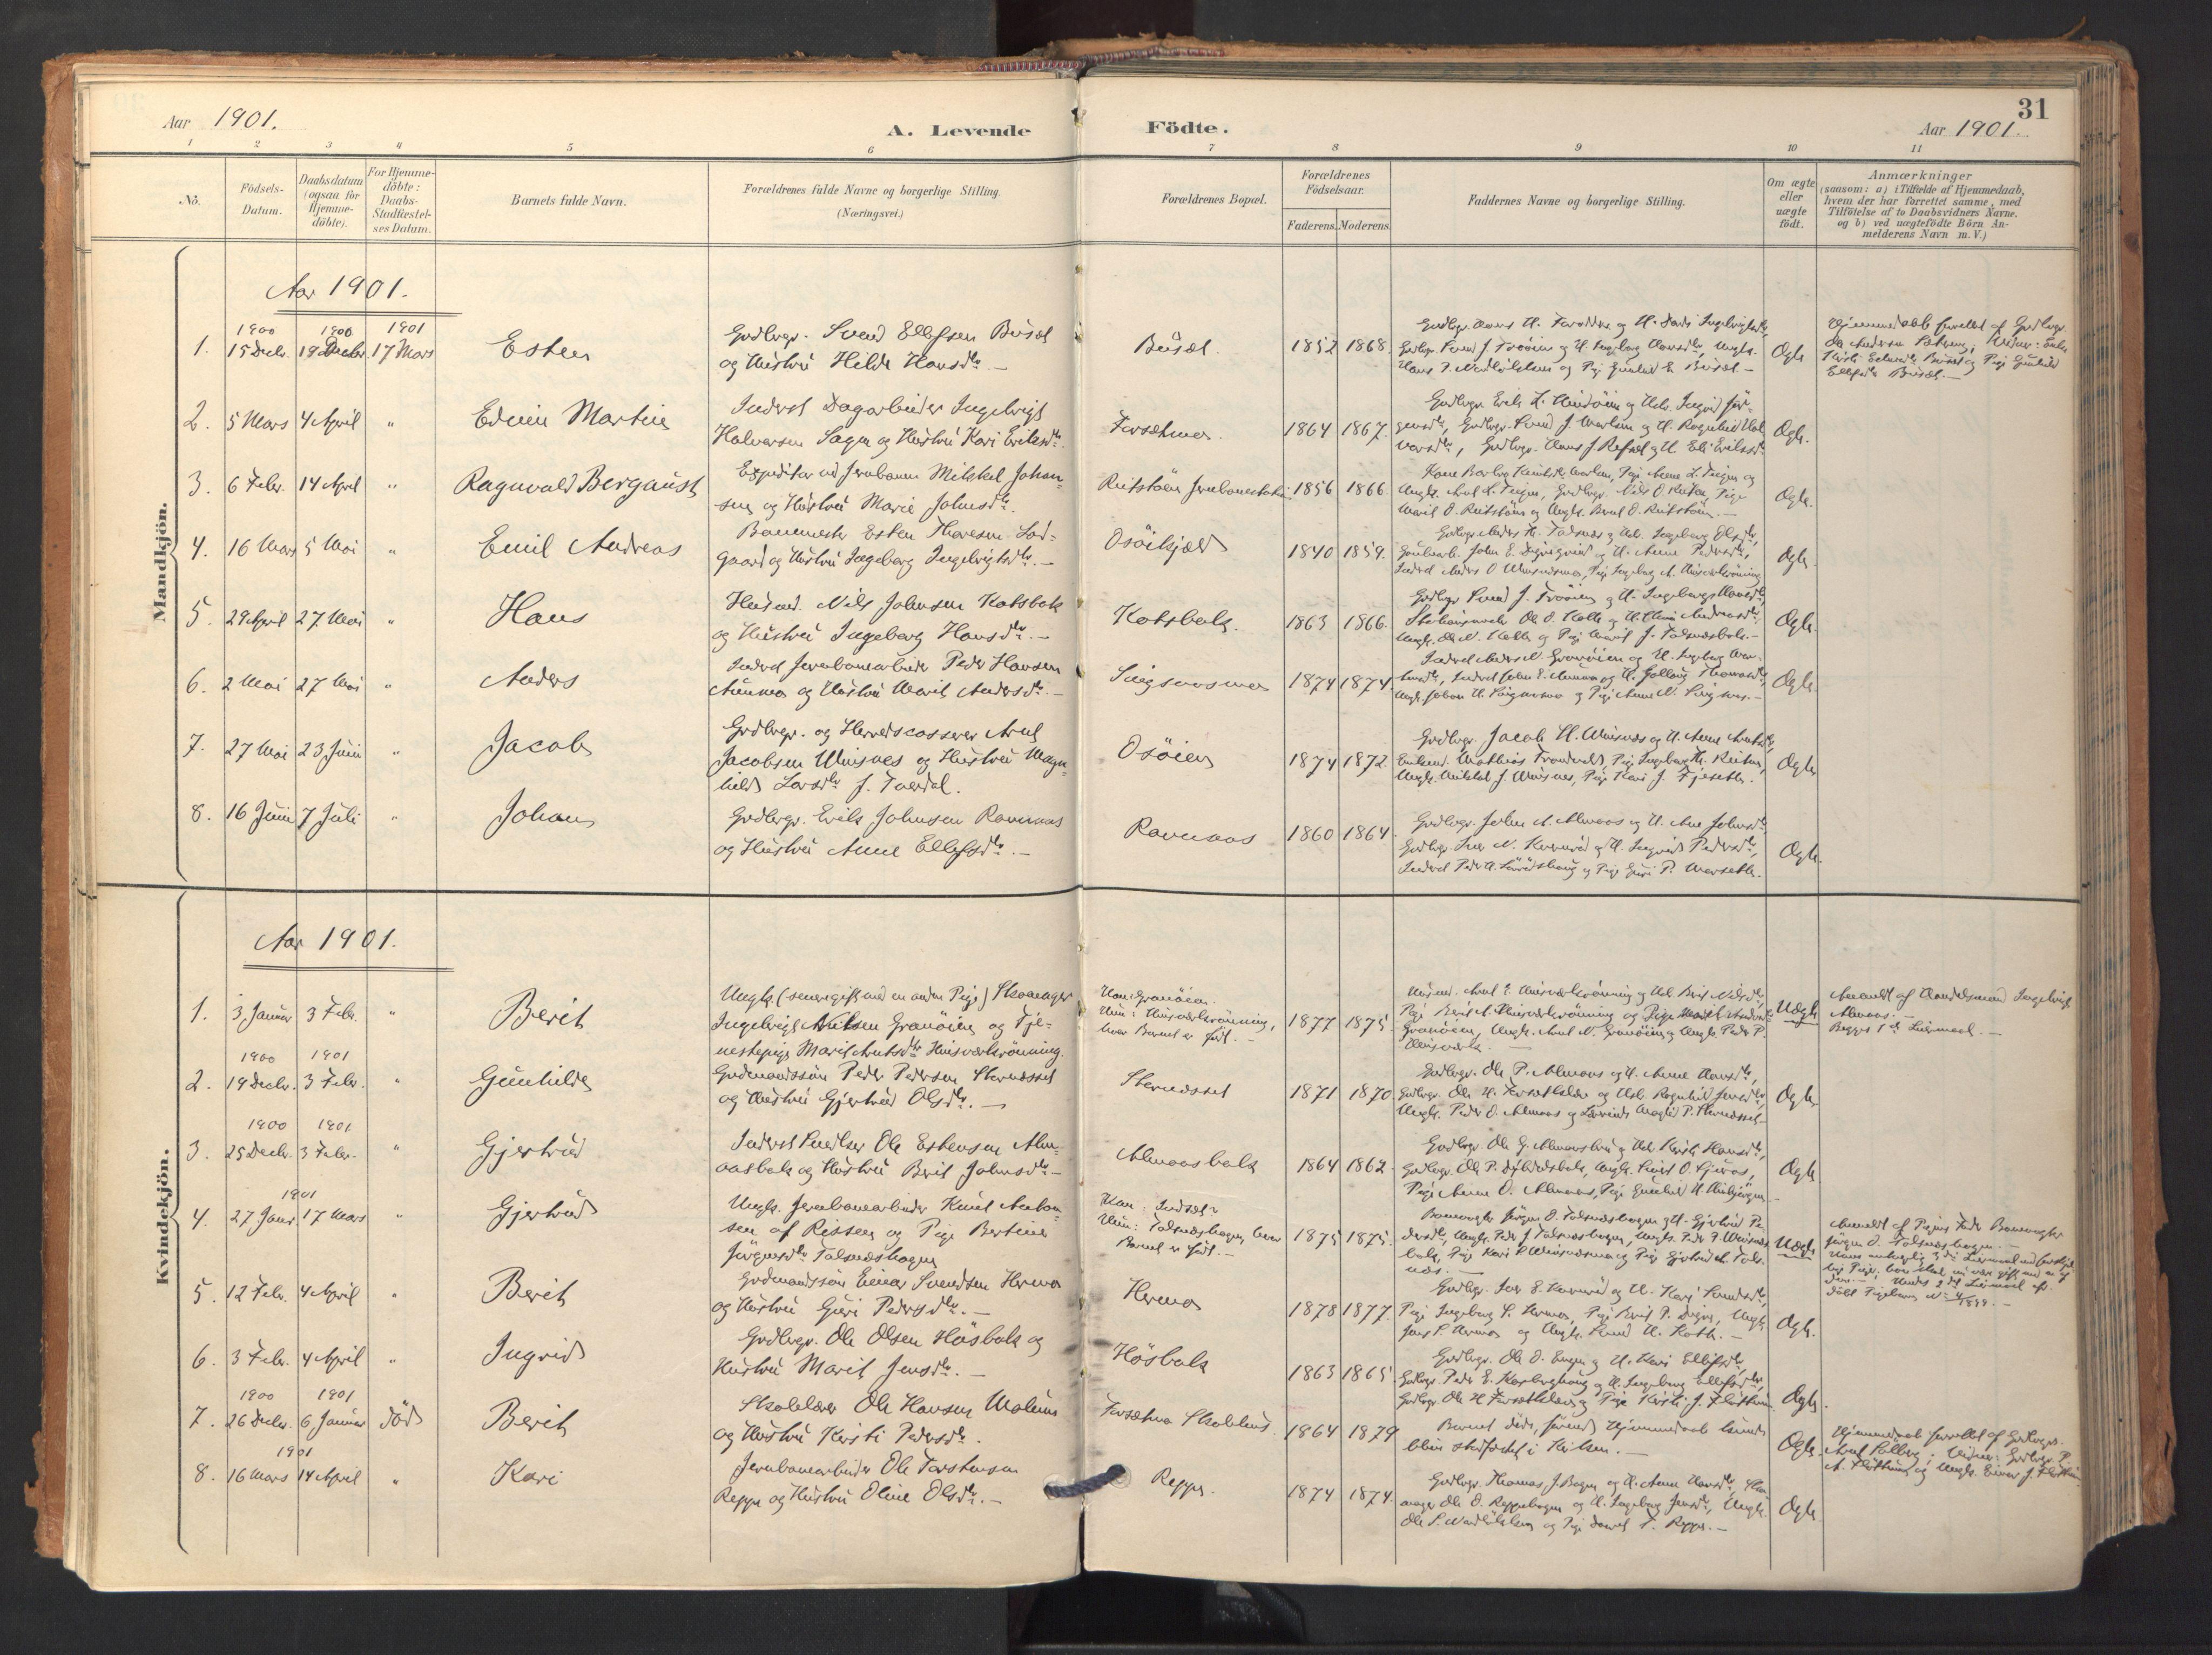 SAT, Ministerialprotokoller, klokkerbøker og fødselsregistre - Sør-Trøndelag, 688/L1025: Ministerialbok nr. 688A02, 1891-1909, s. 31